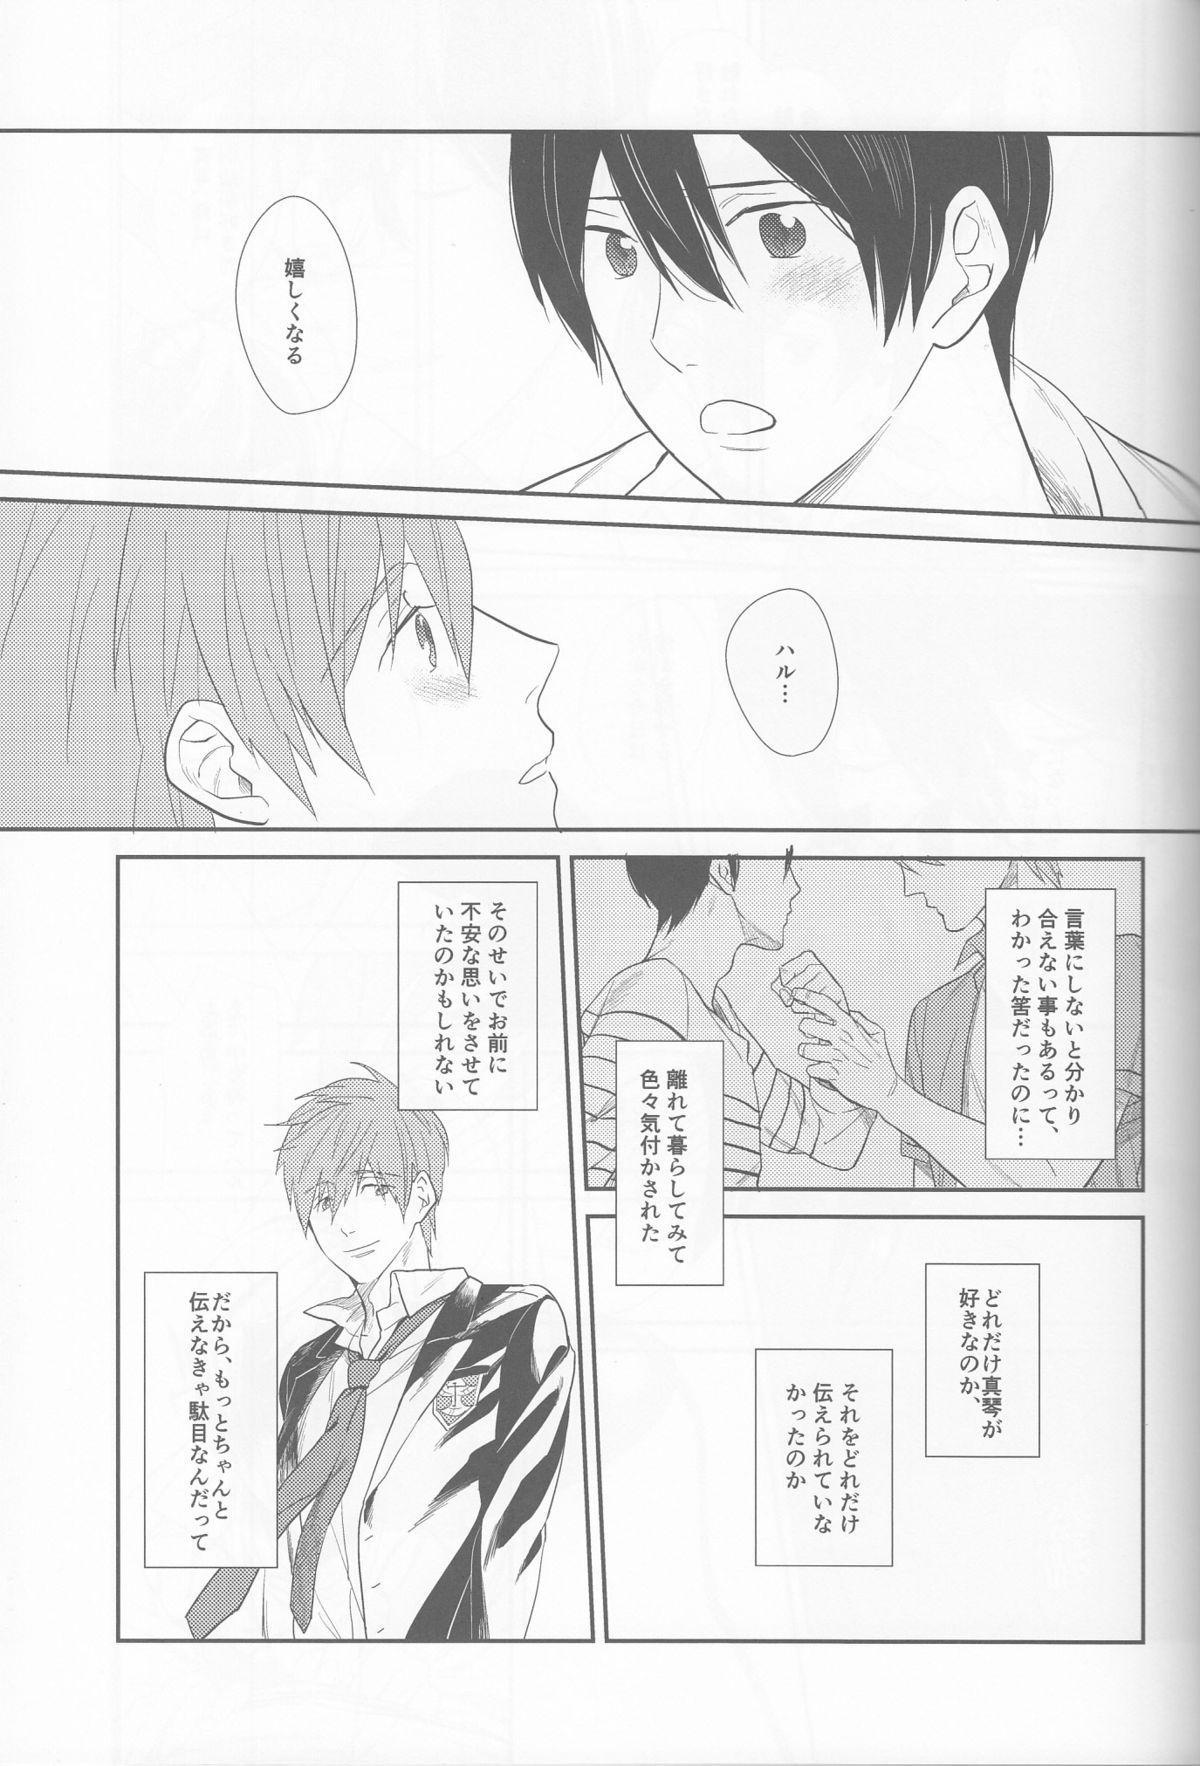 Aishiaouyo 11